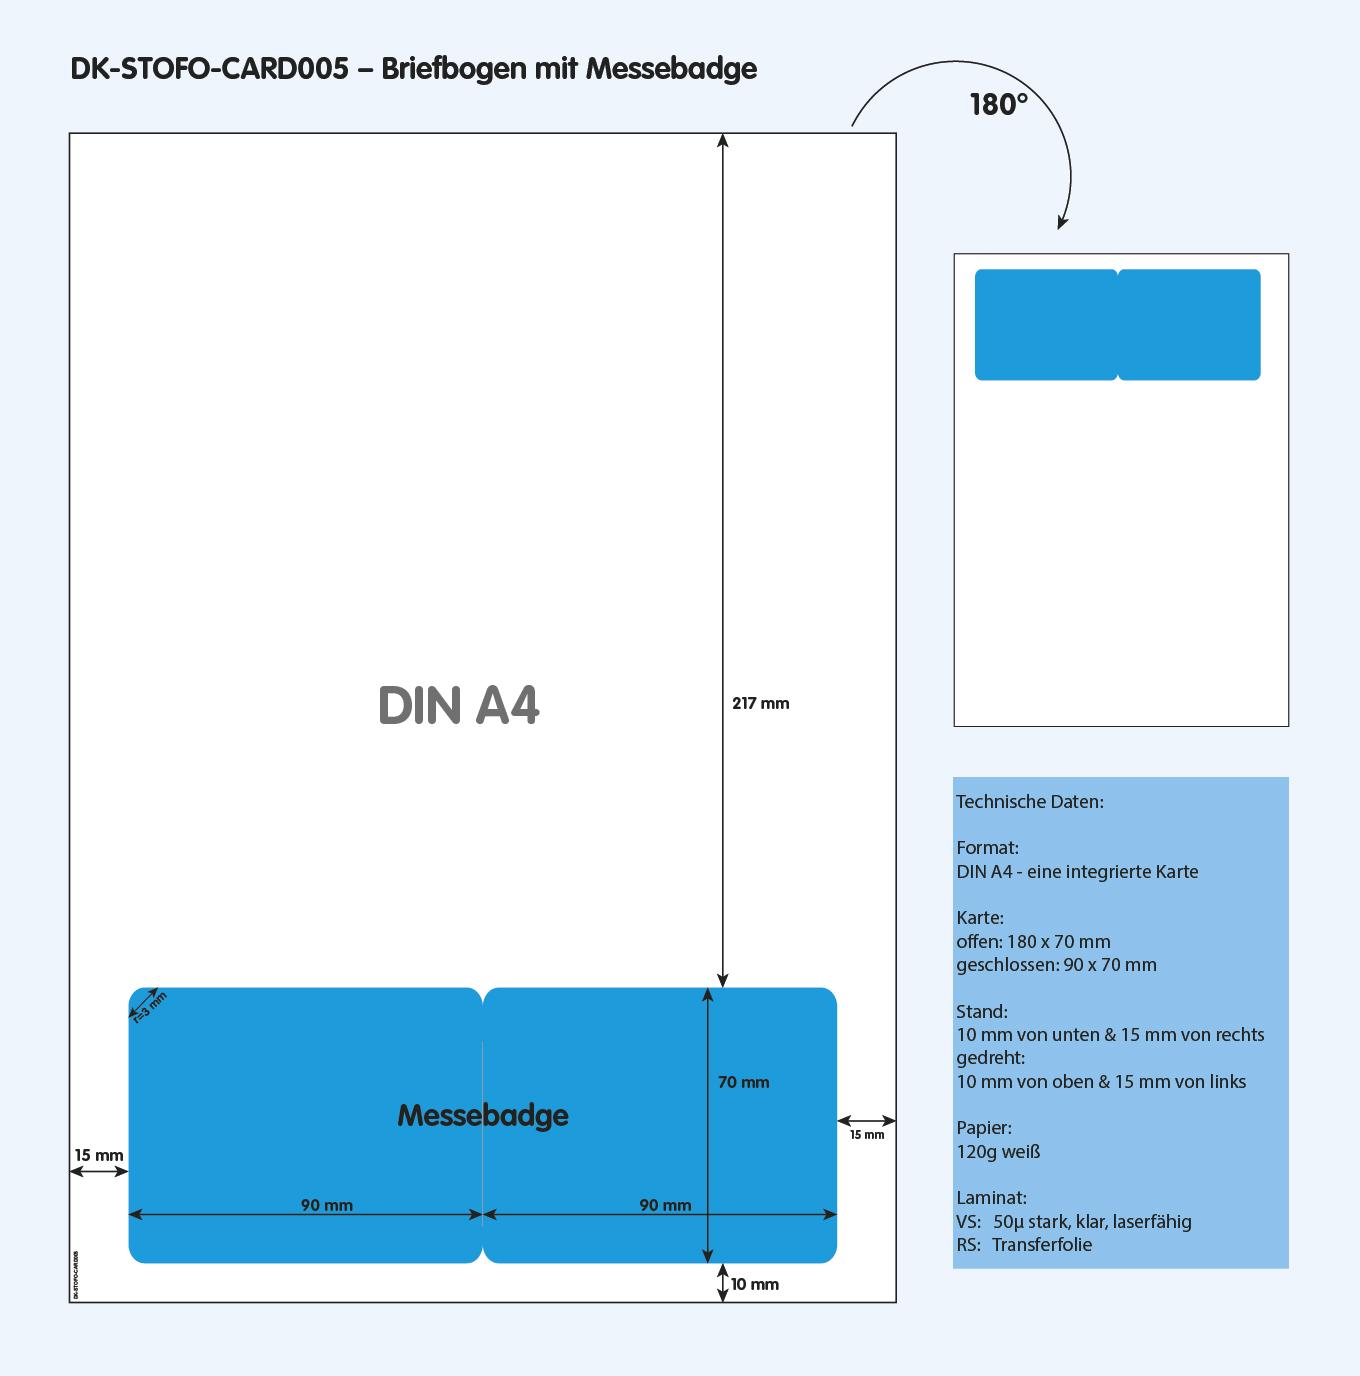 DK-STOFO-CARD005 - technische Zeichnung